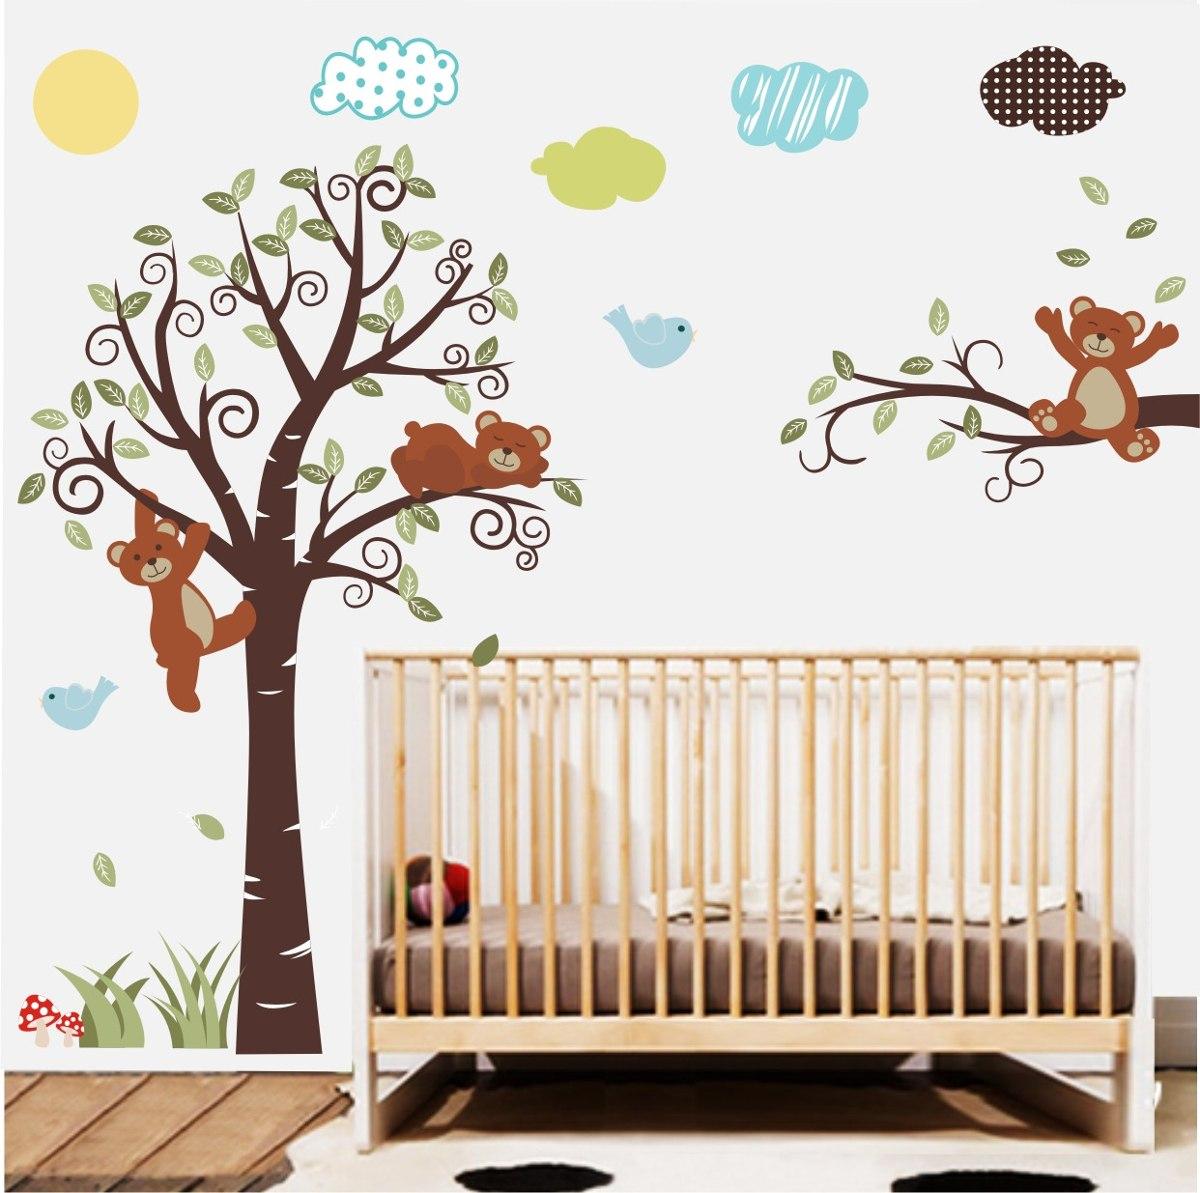 Adesivo Quarto Infantil Urso Coruja Safari Arvore Zoo M91